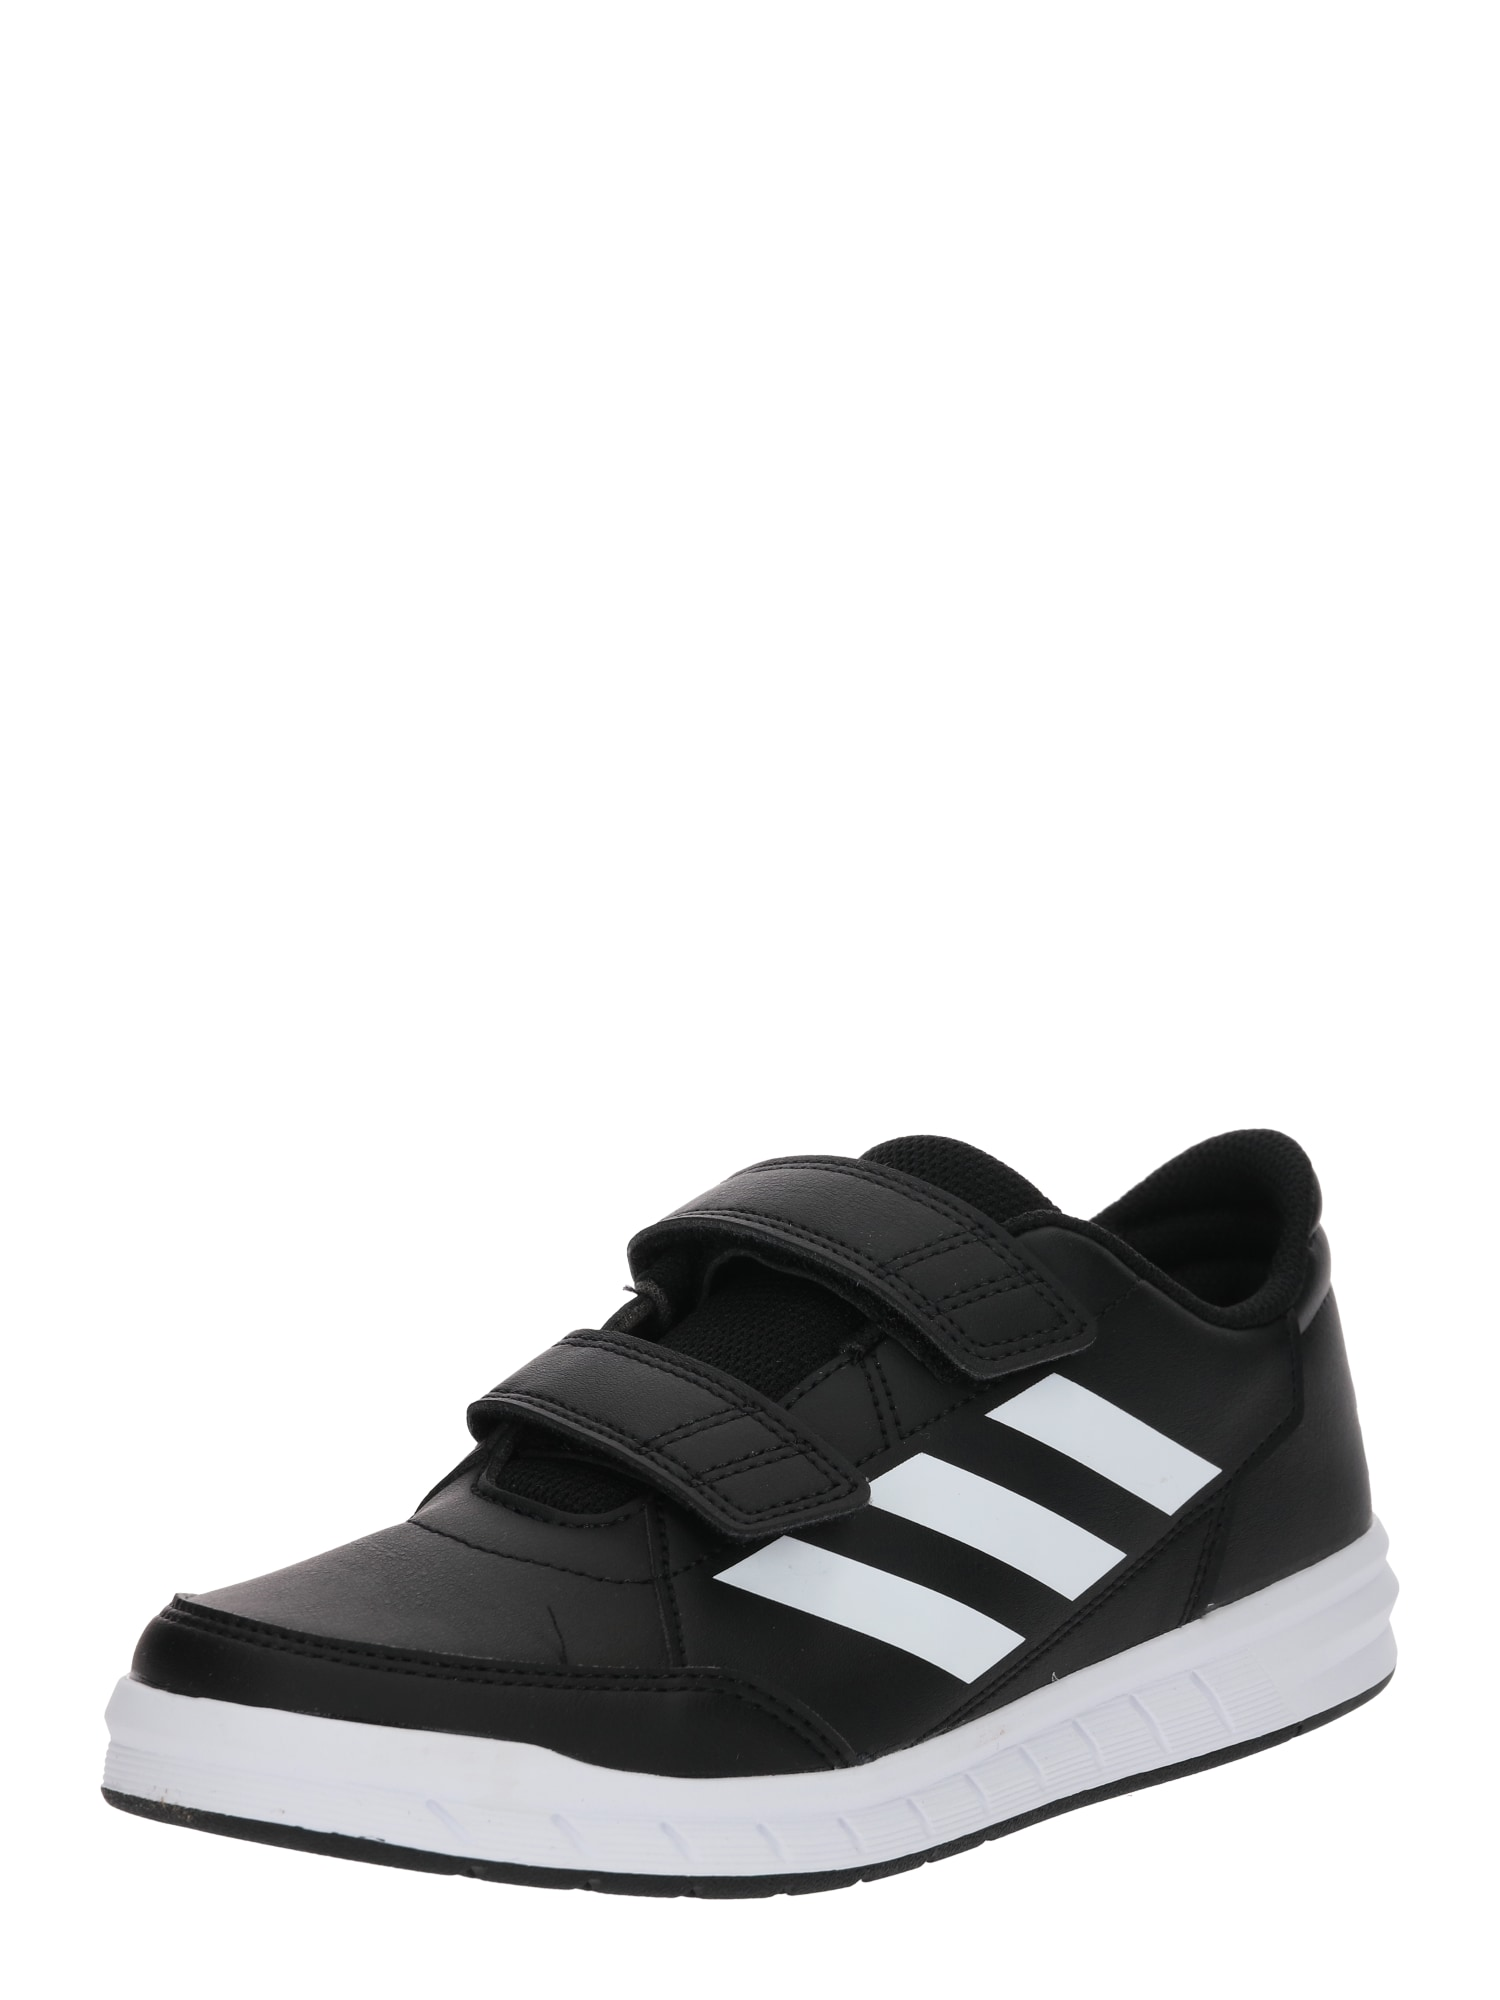 Sportovní boty AltaSport CF K černá bílá ADIDAS PERFORMANCE